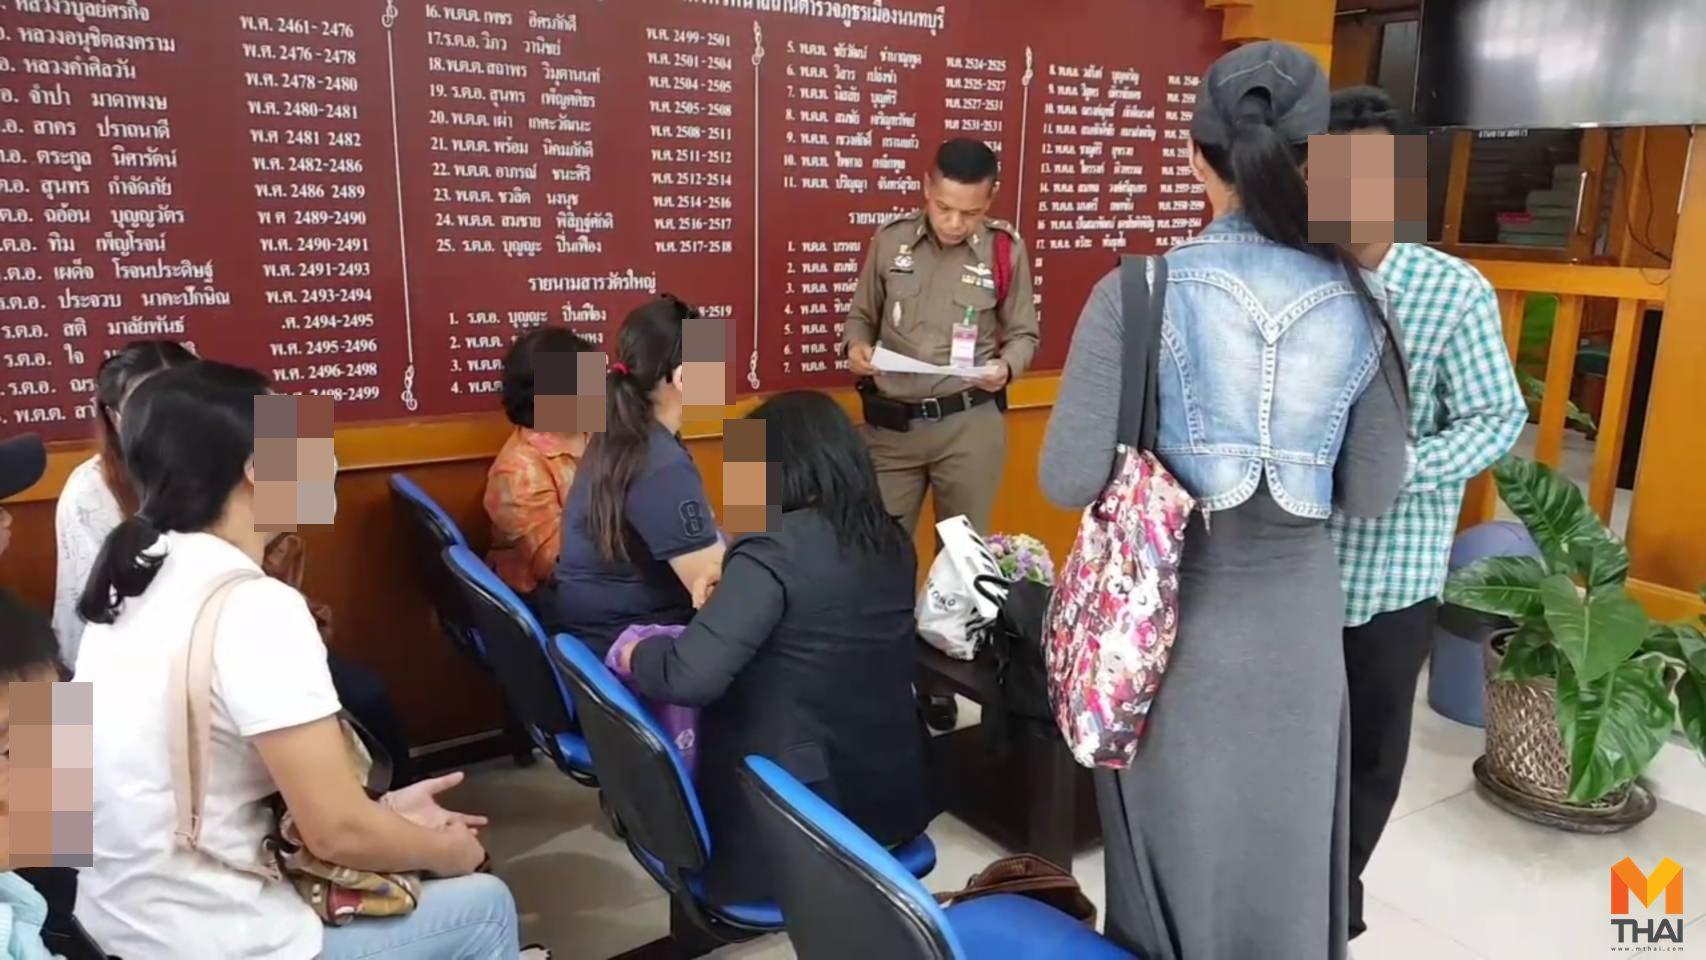 กลุ่มครูสอนนวด โร่แจ้งความกรณีซื้อขายใบประกาศ